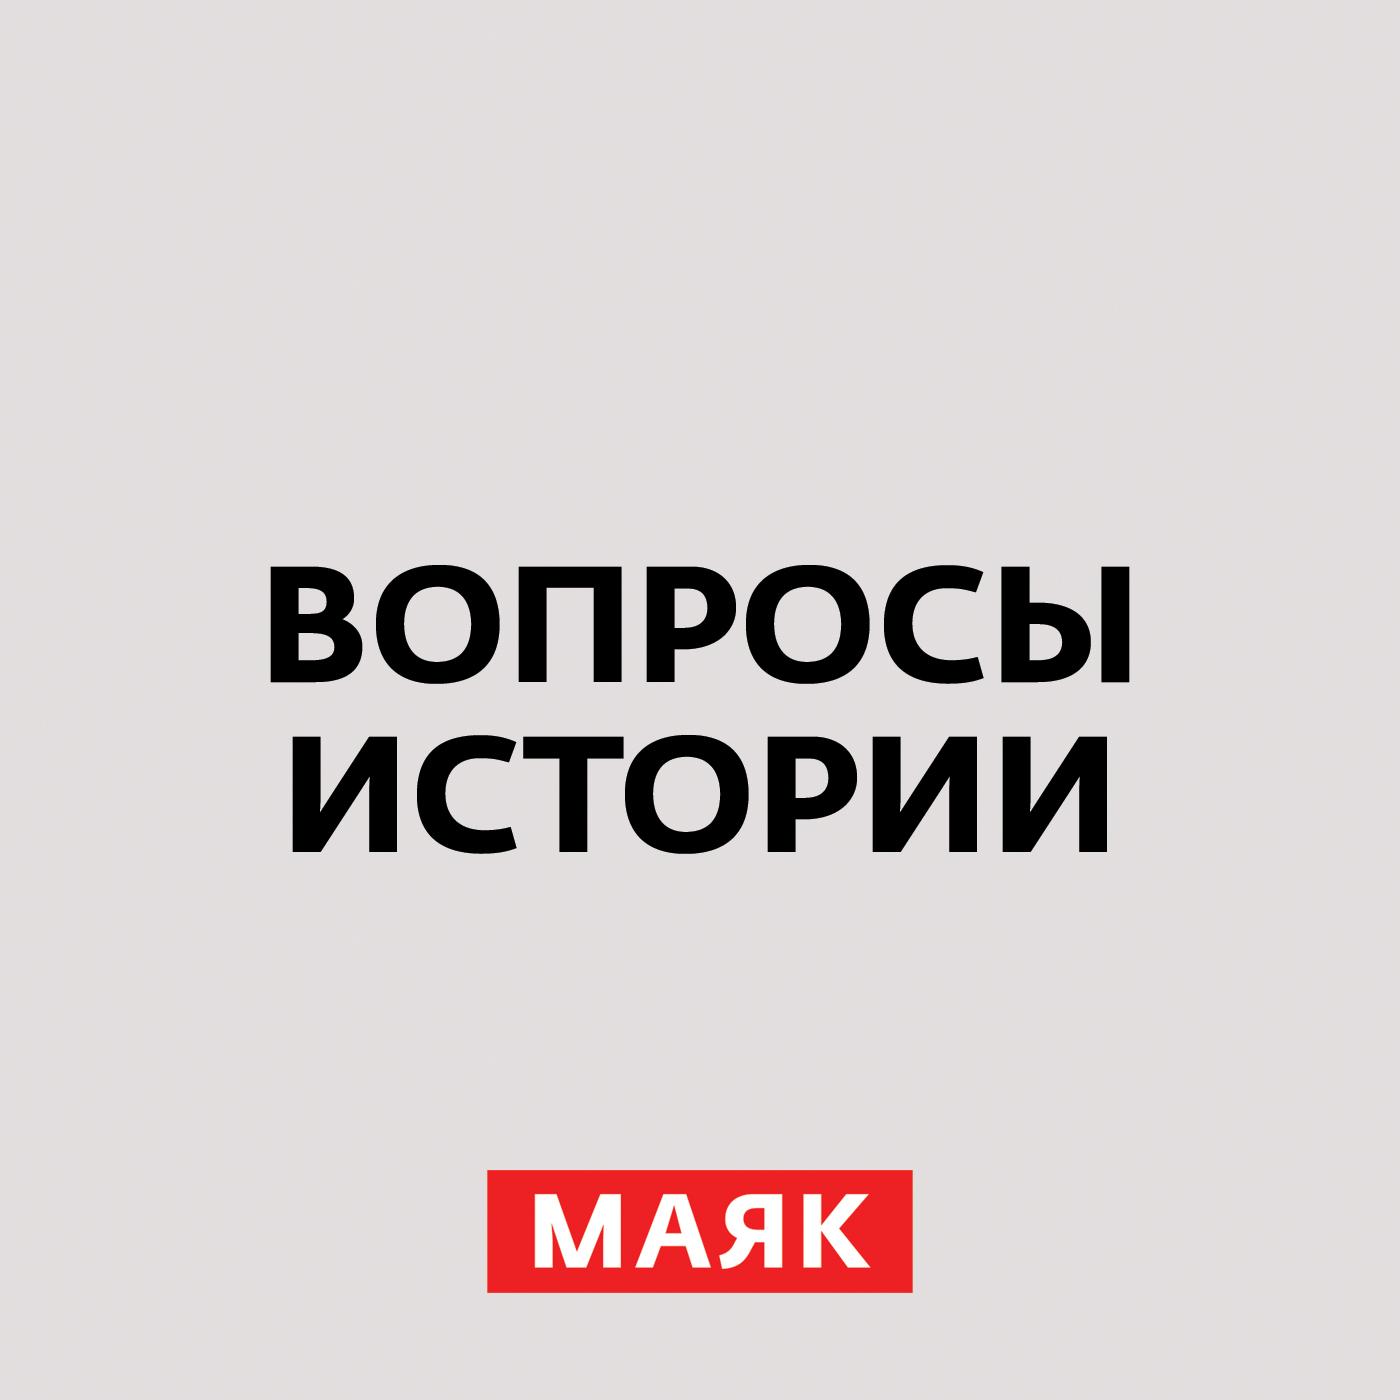 Андрей Светенко Первая мировая: никто не рассчитывал долго сидеть в окопах андрей светенко первая мировая никто не рассчитывал долго сидеть в окопах